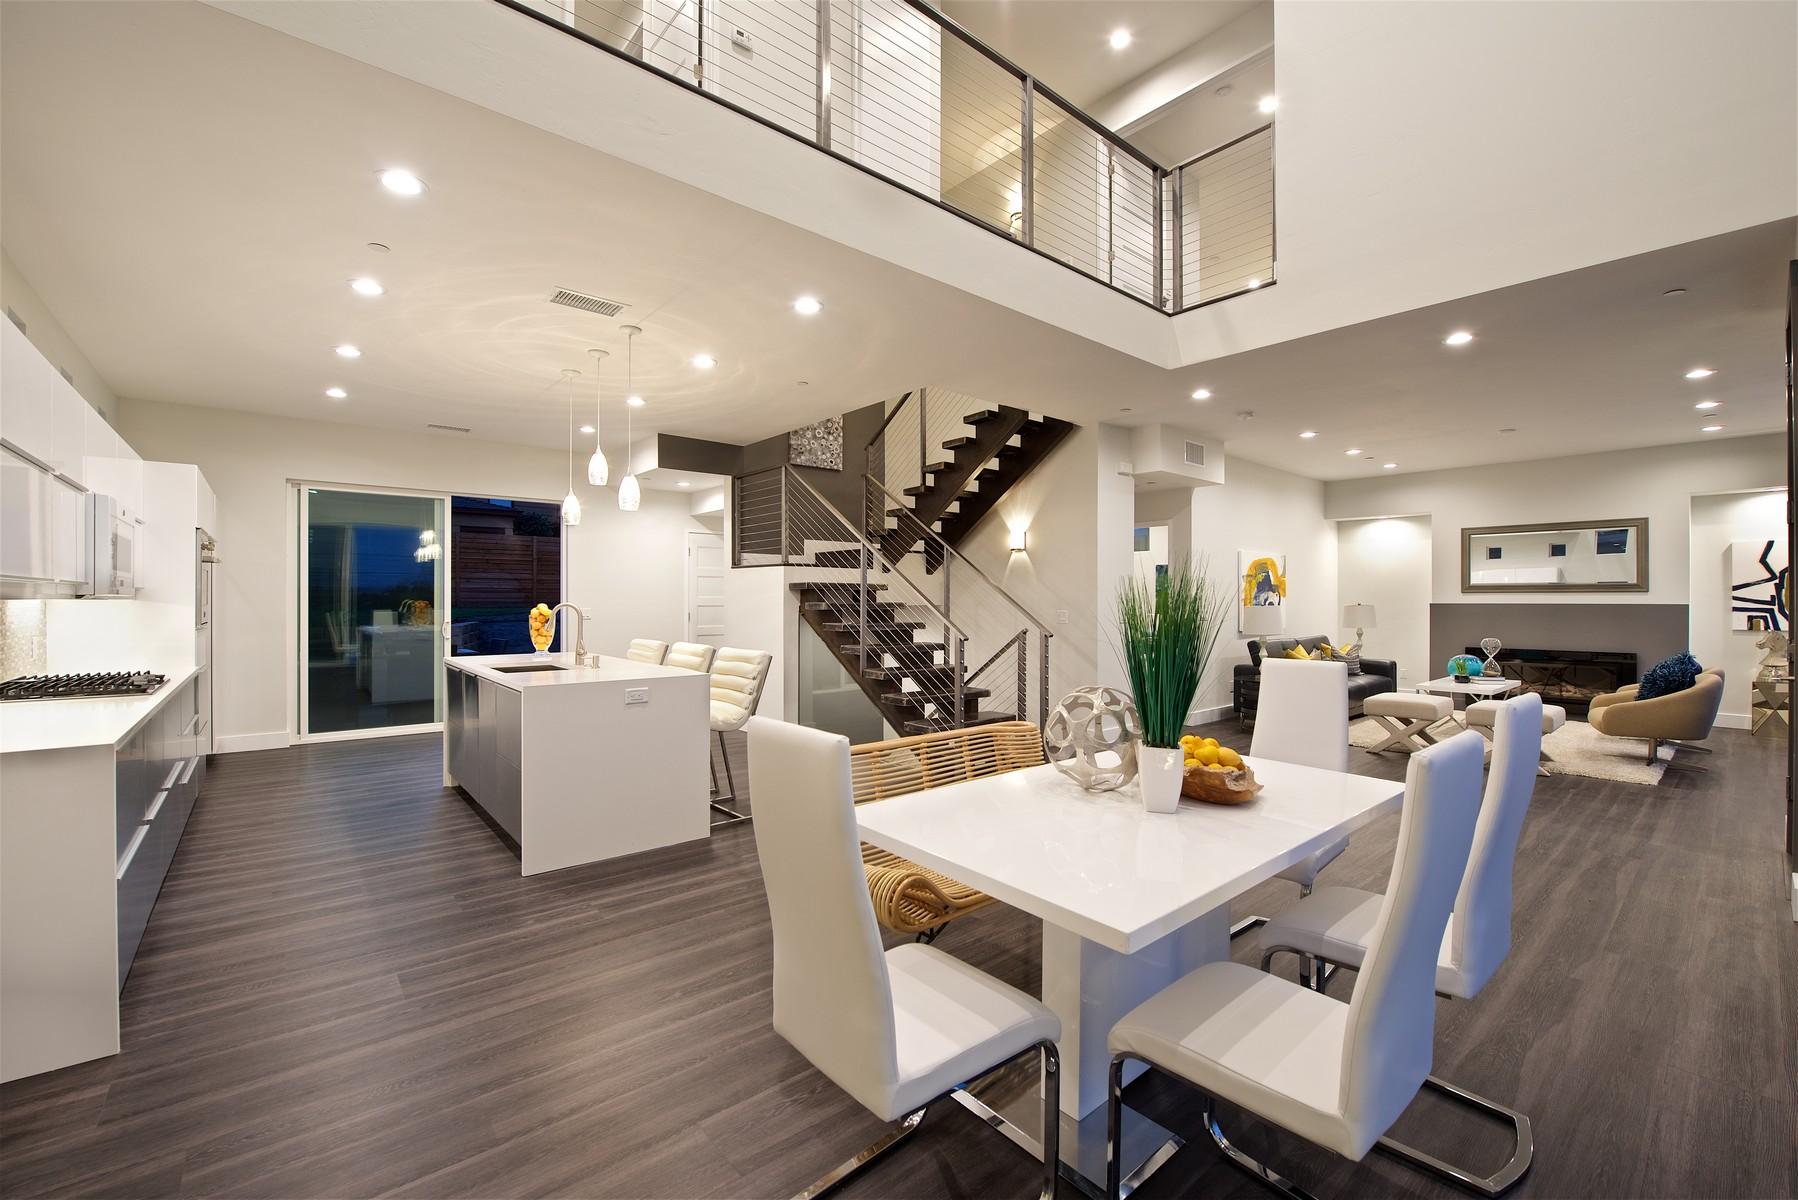 Частный односемейный дом для того Продажа на 1922 Felton South Park, San Diego, Калифорния, 92102 Соединенные Штаты